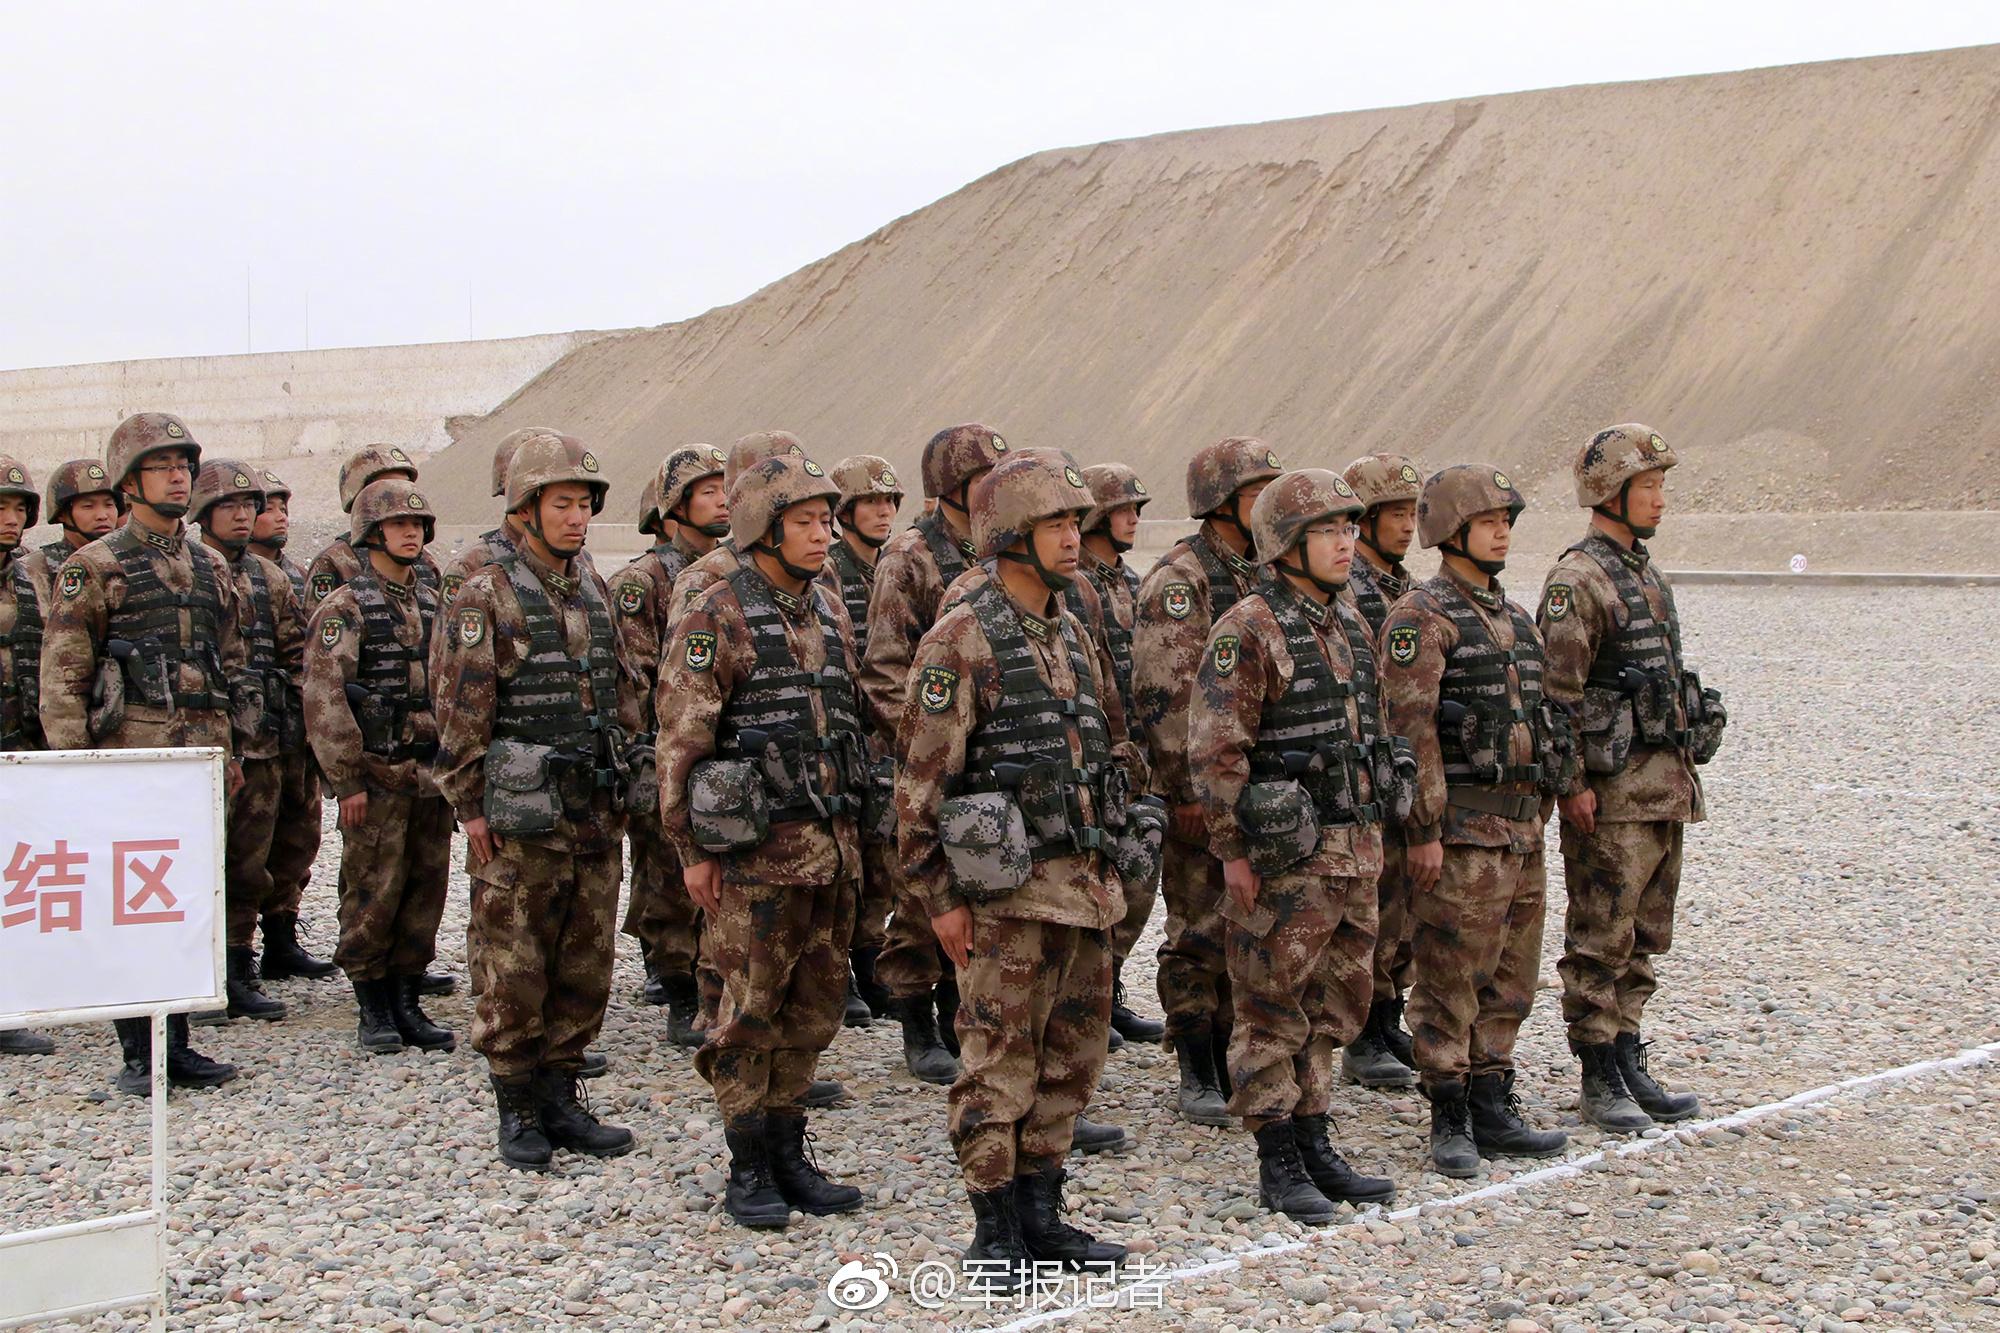 红场胜利日阅兵式首次彩排 130件武器亮相